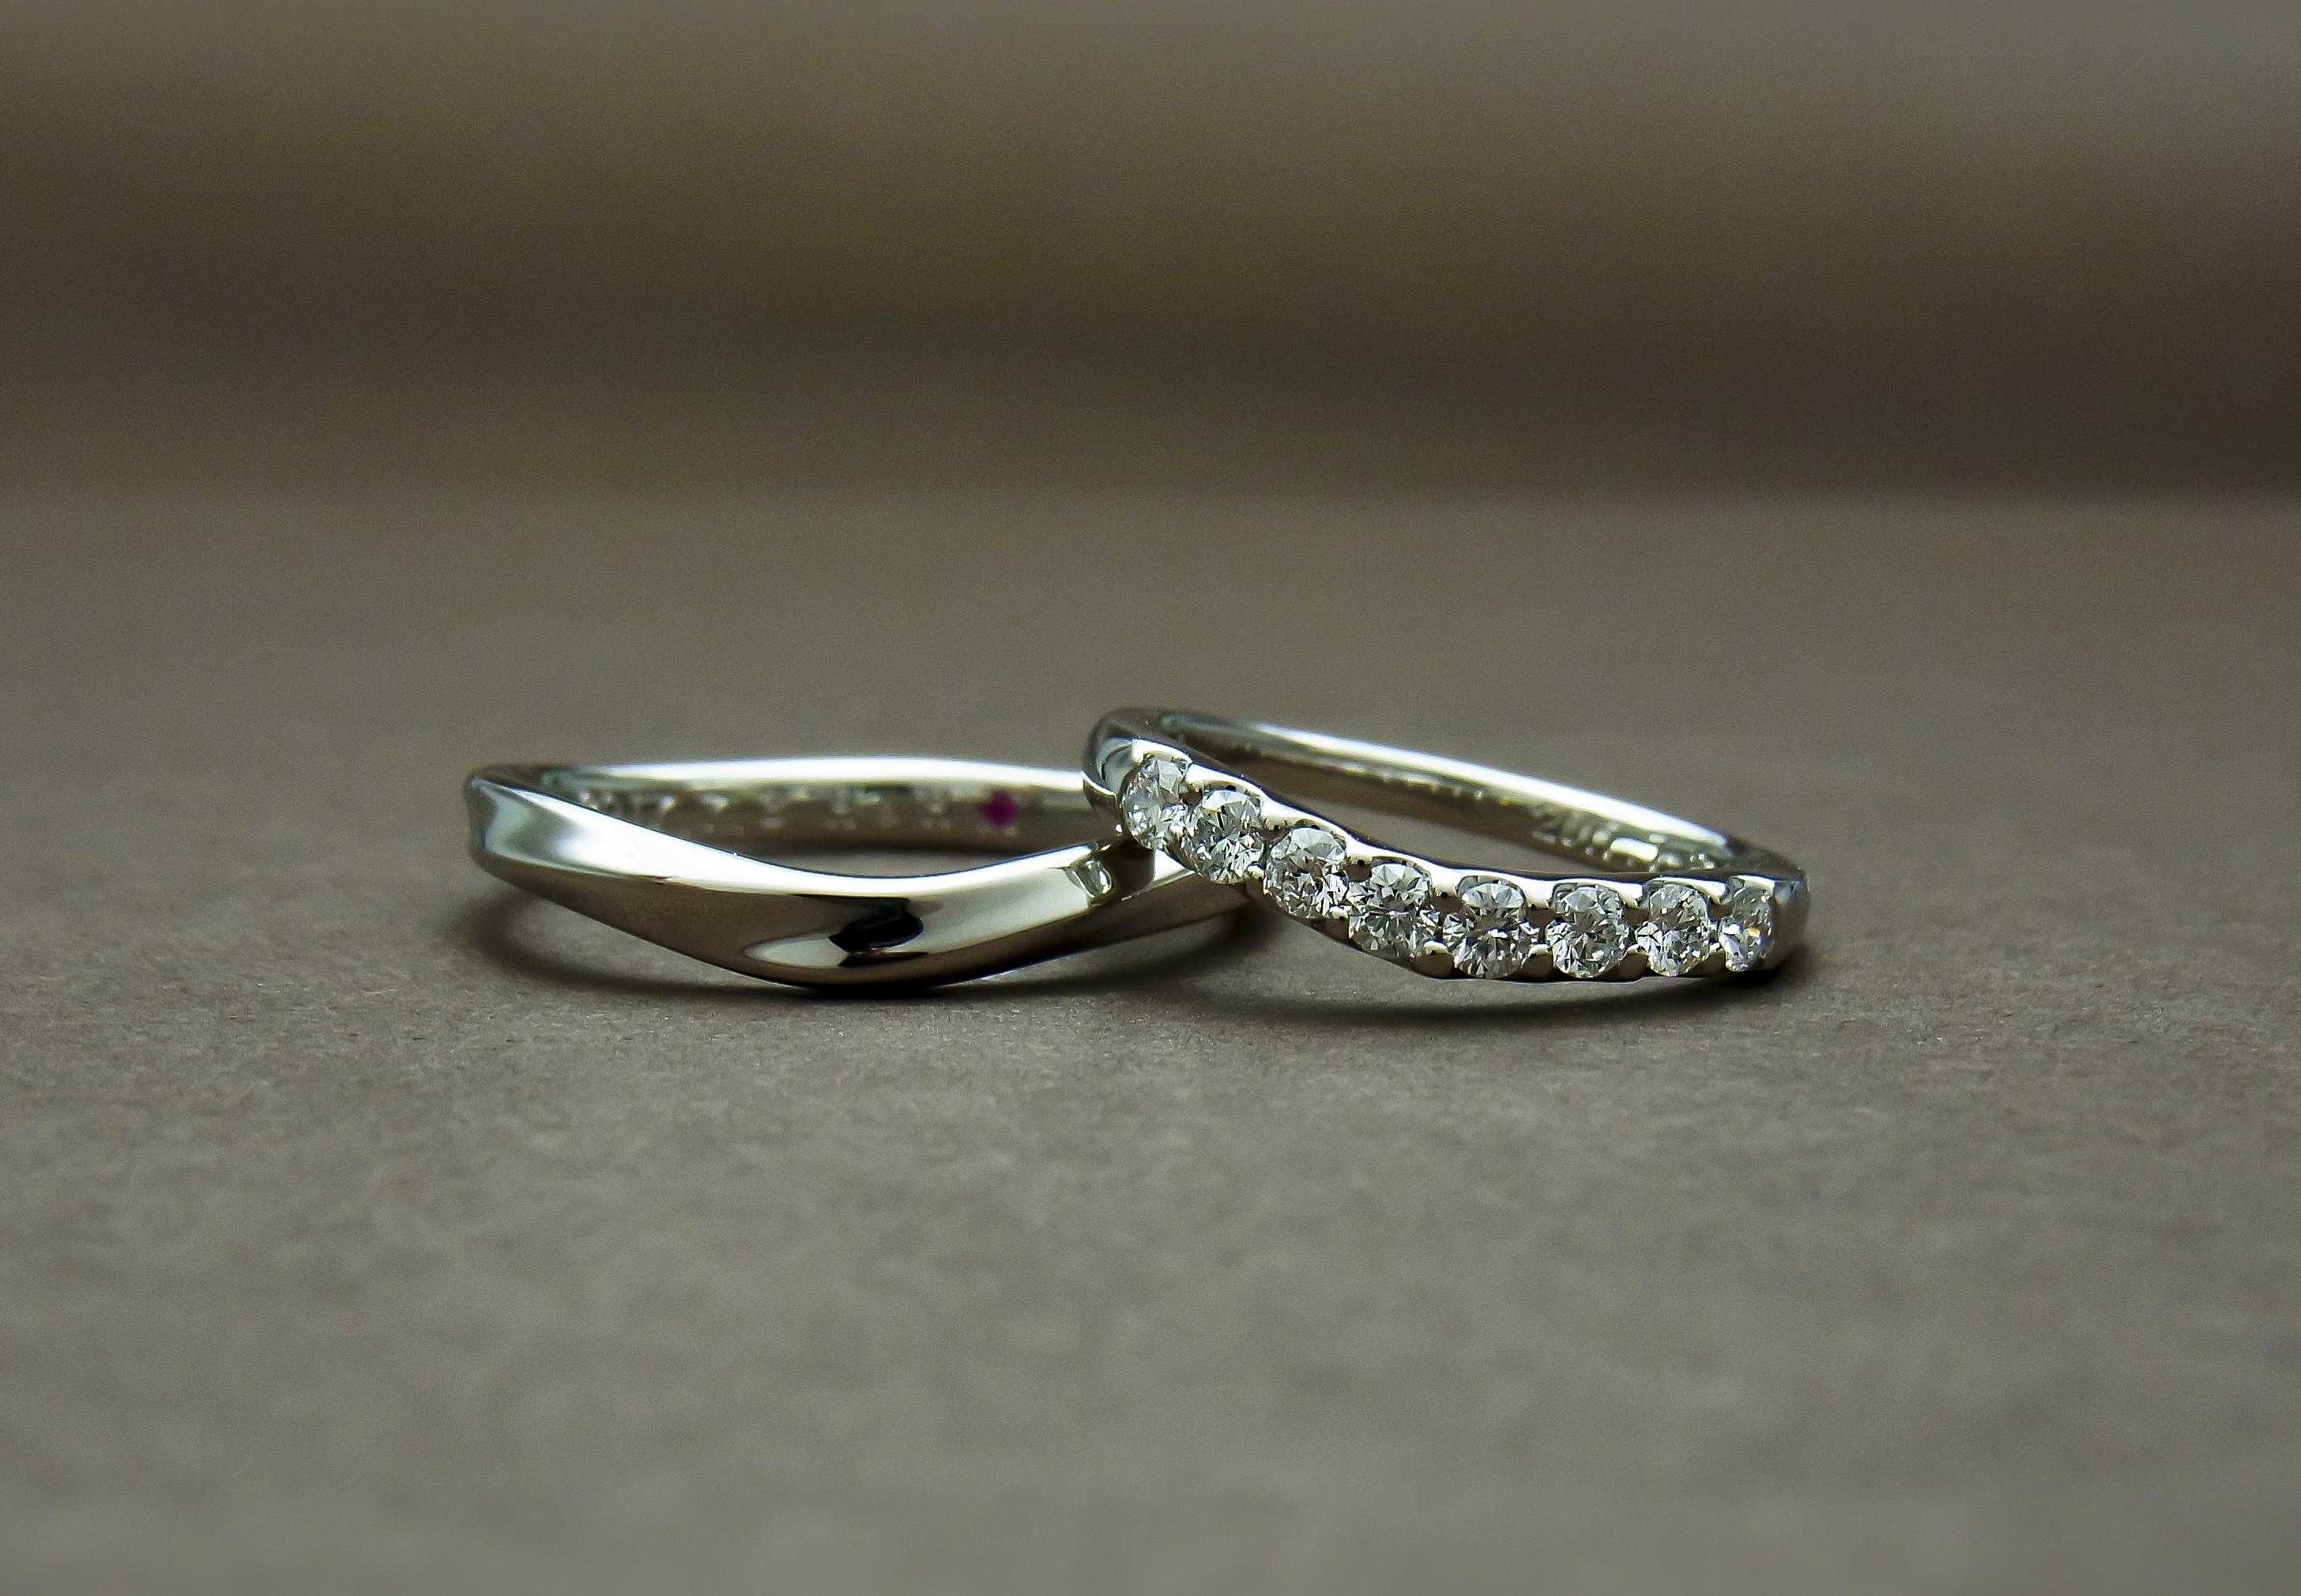 アイズストーン ダイヤモンドマリッジリング